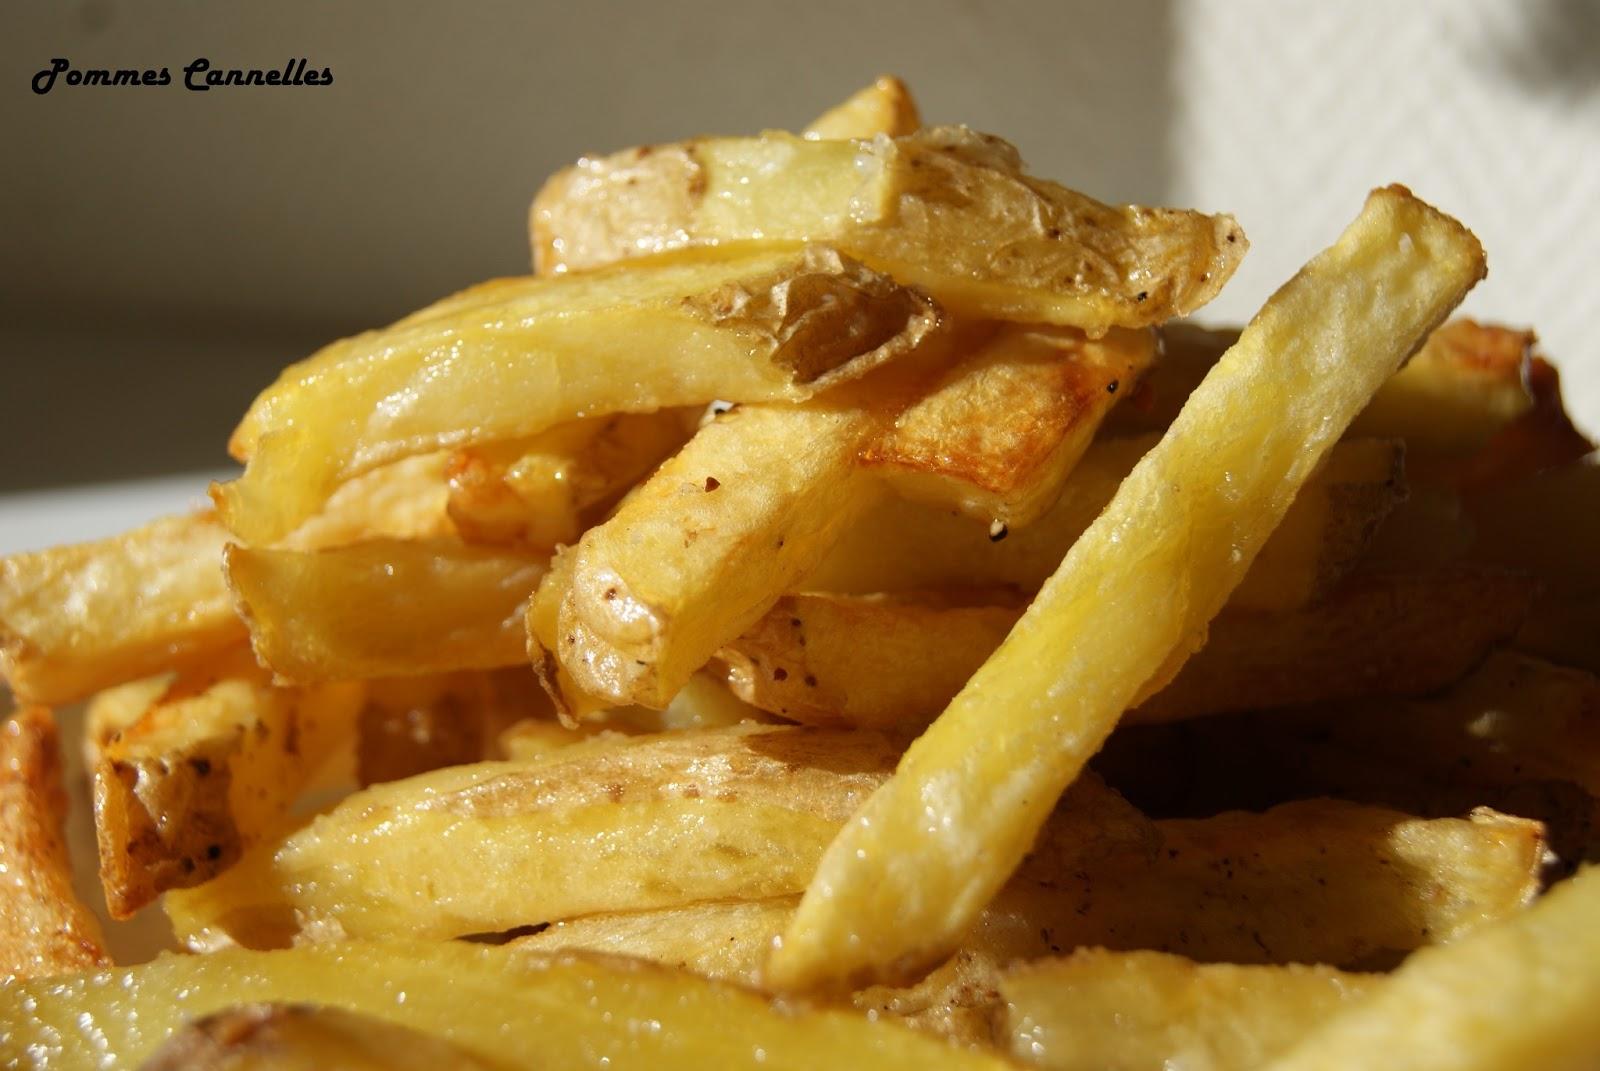 pommes cannelles frites maison sans friteuse